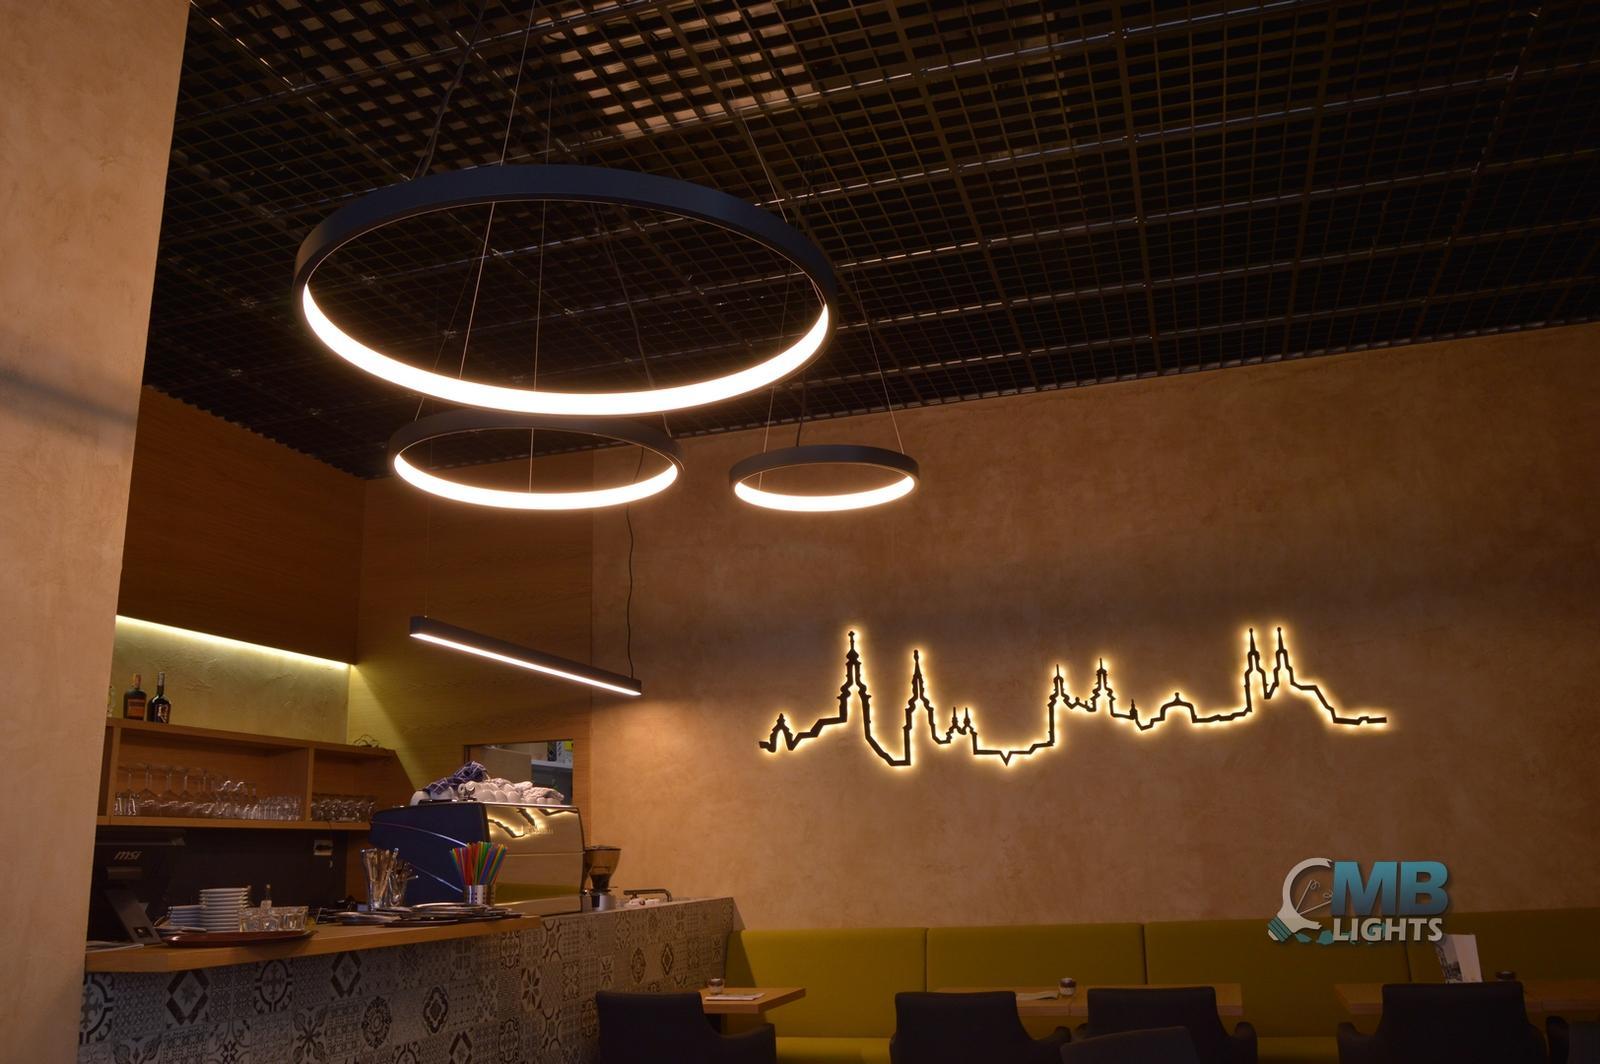 Carousel light™–By MB-lightsDesign - Obrázek č. 1